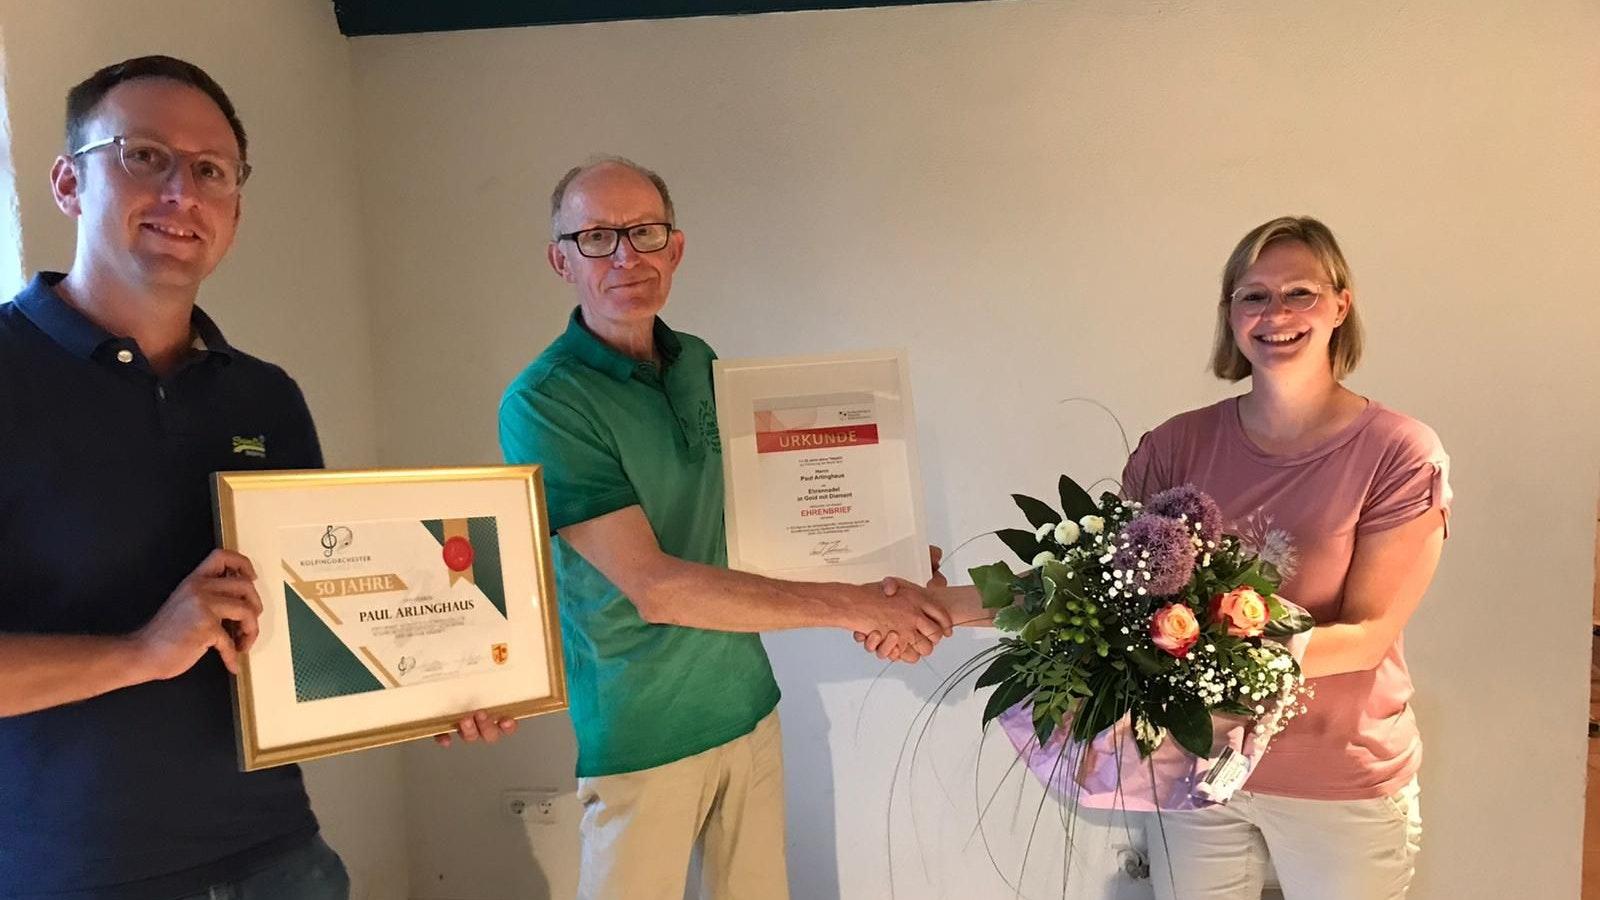 Glückwunsch: Daniel Lögering (links) und Christine Lier überreichten Paul Arlinghaus zwei Urkunden. Foto: Lier